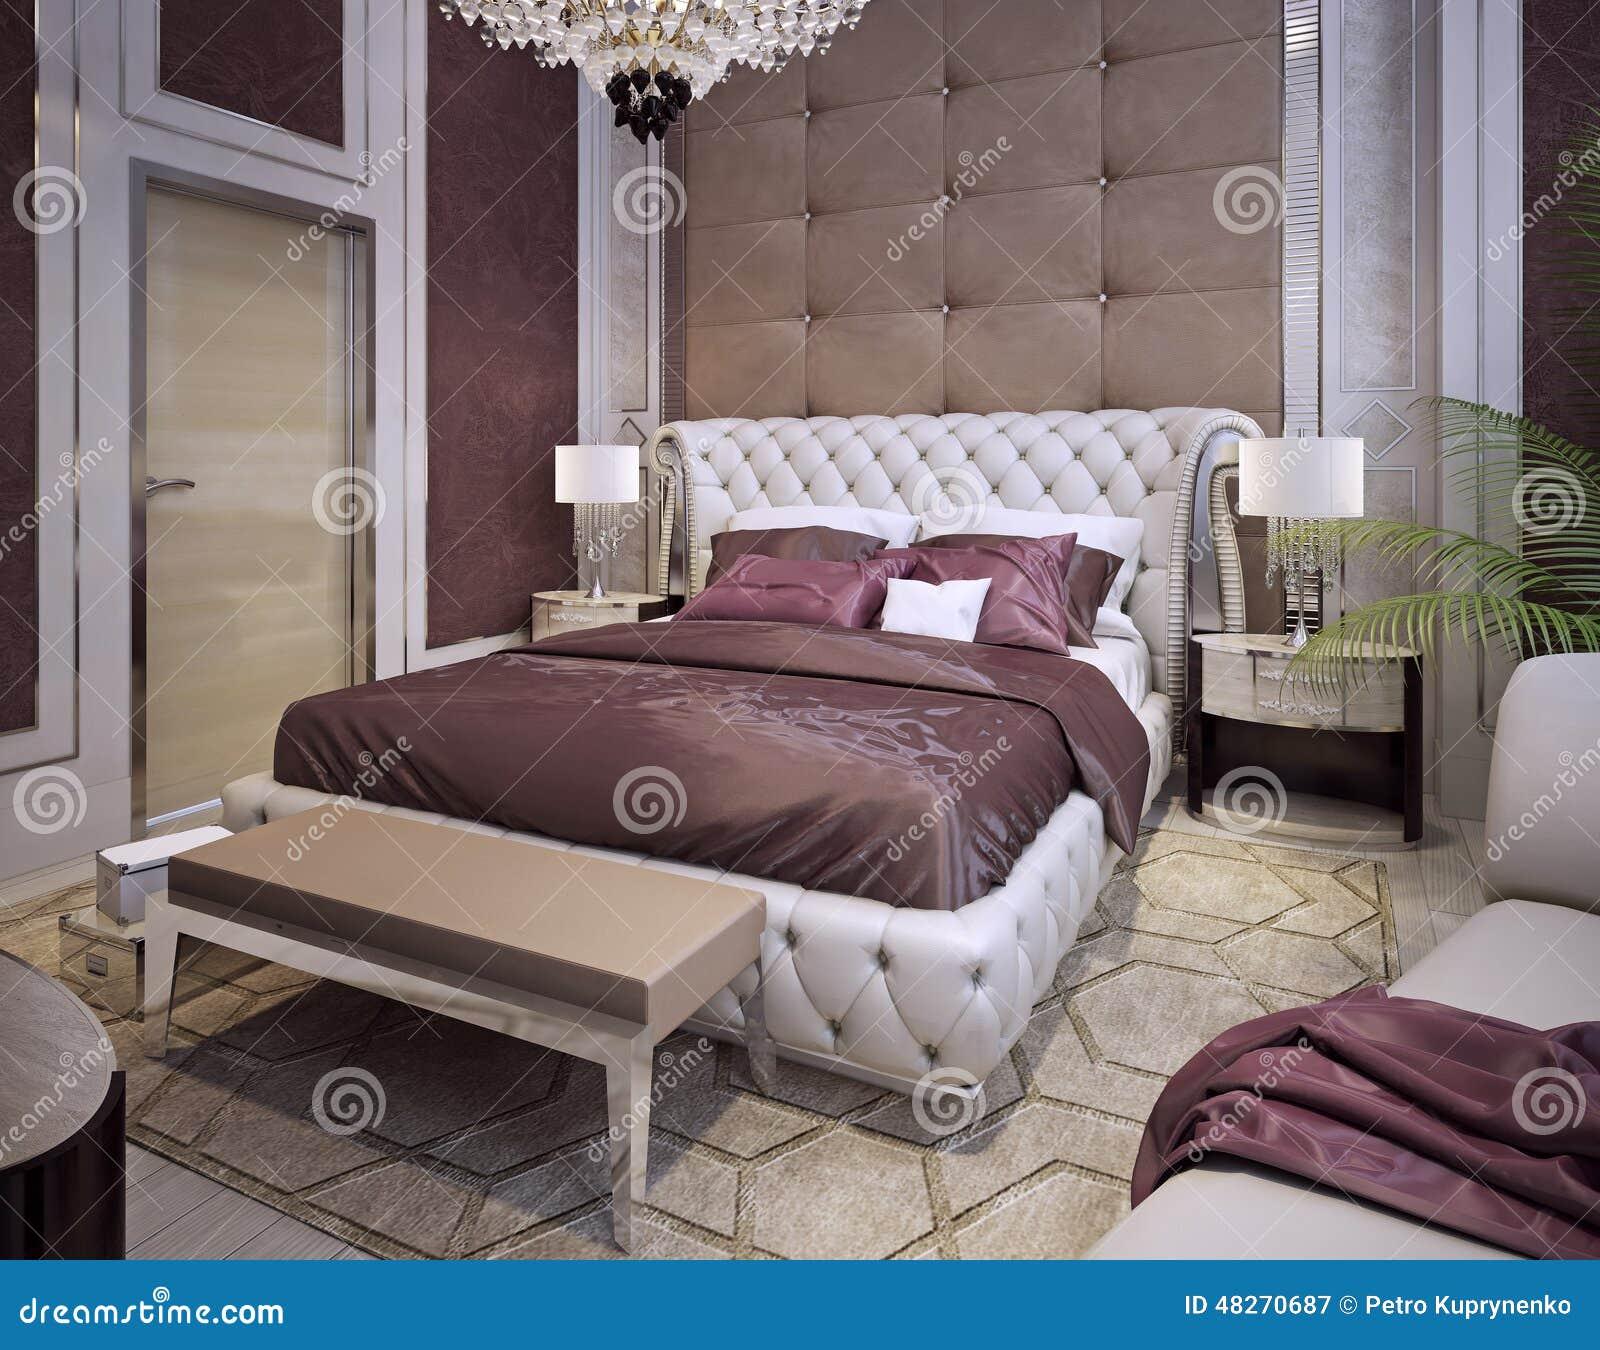 Slaapkamer Oosterse Stijl Stock Illustratie - Afbeelding: 48276481